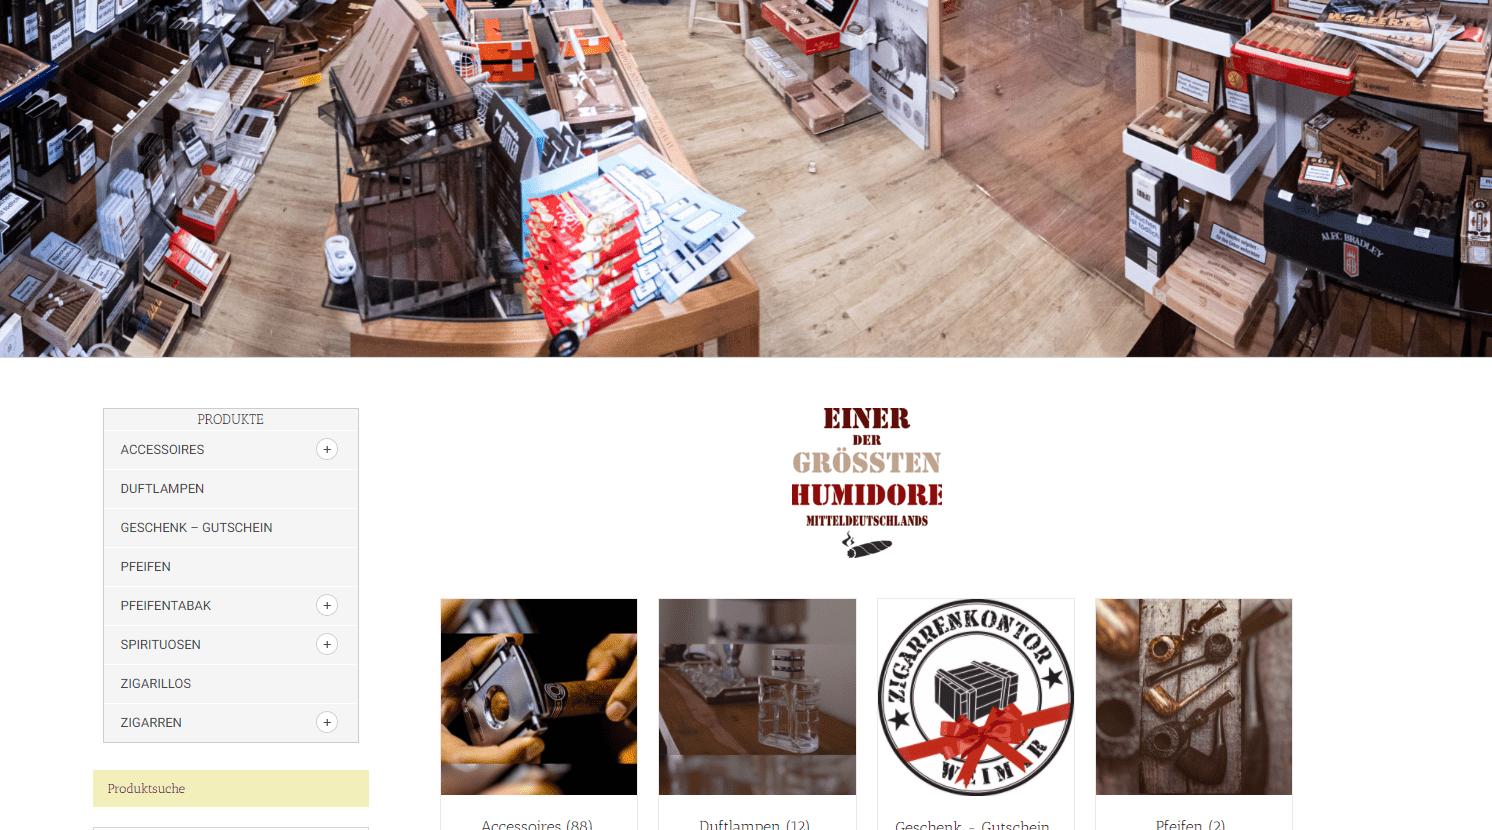 zigarrenkontor shop